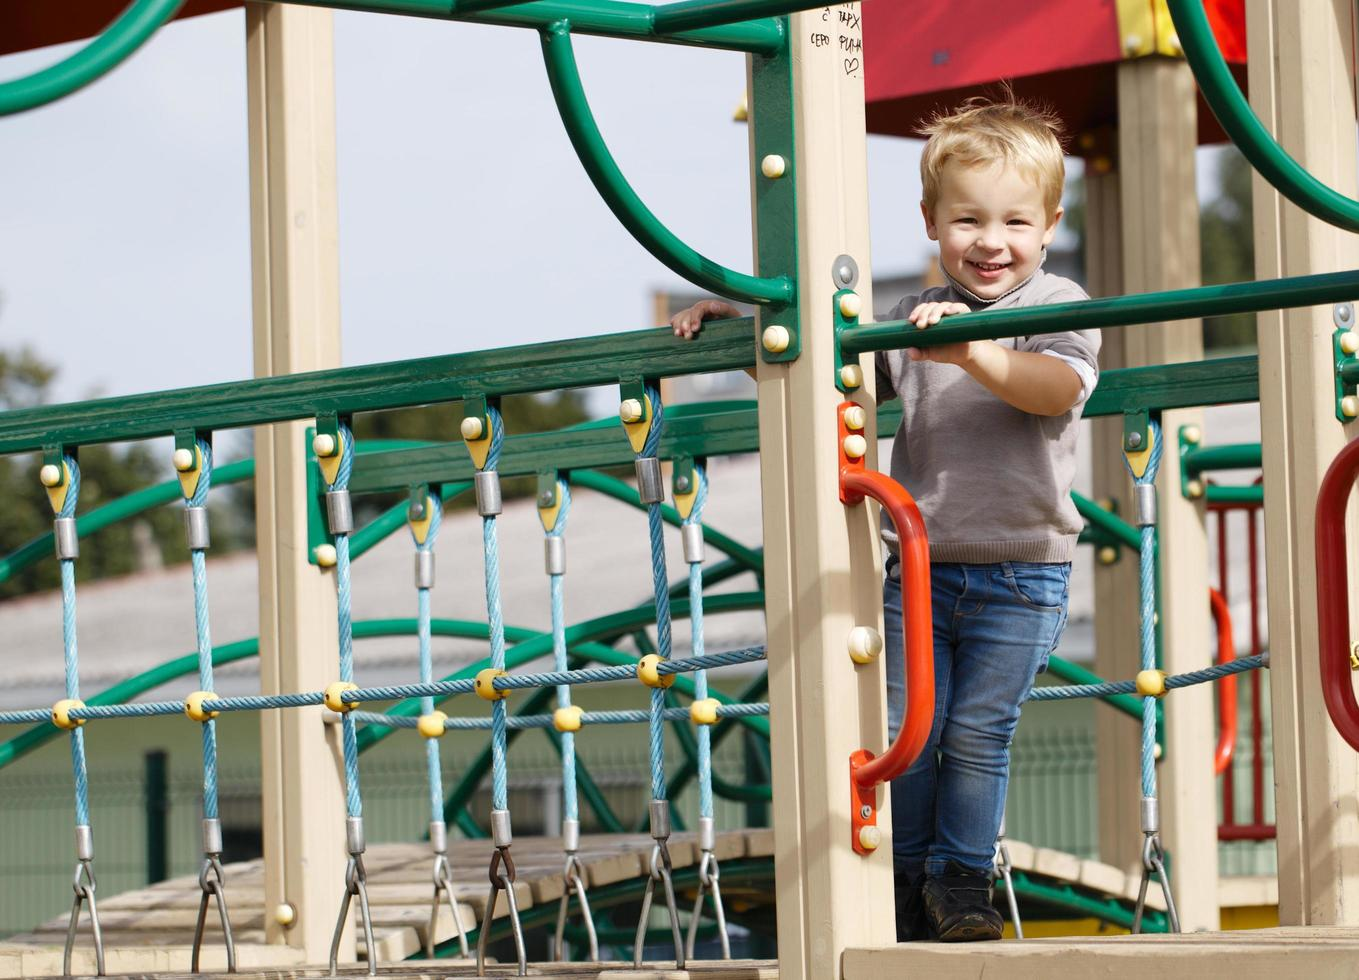 niño jugando en el equipo del patio foto